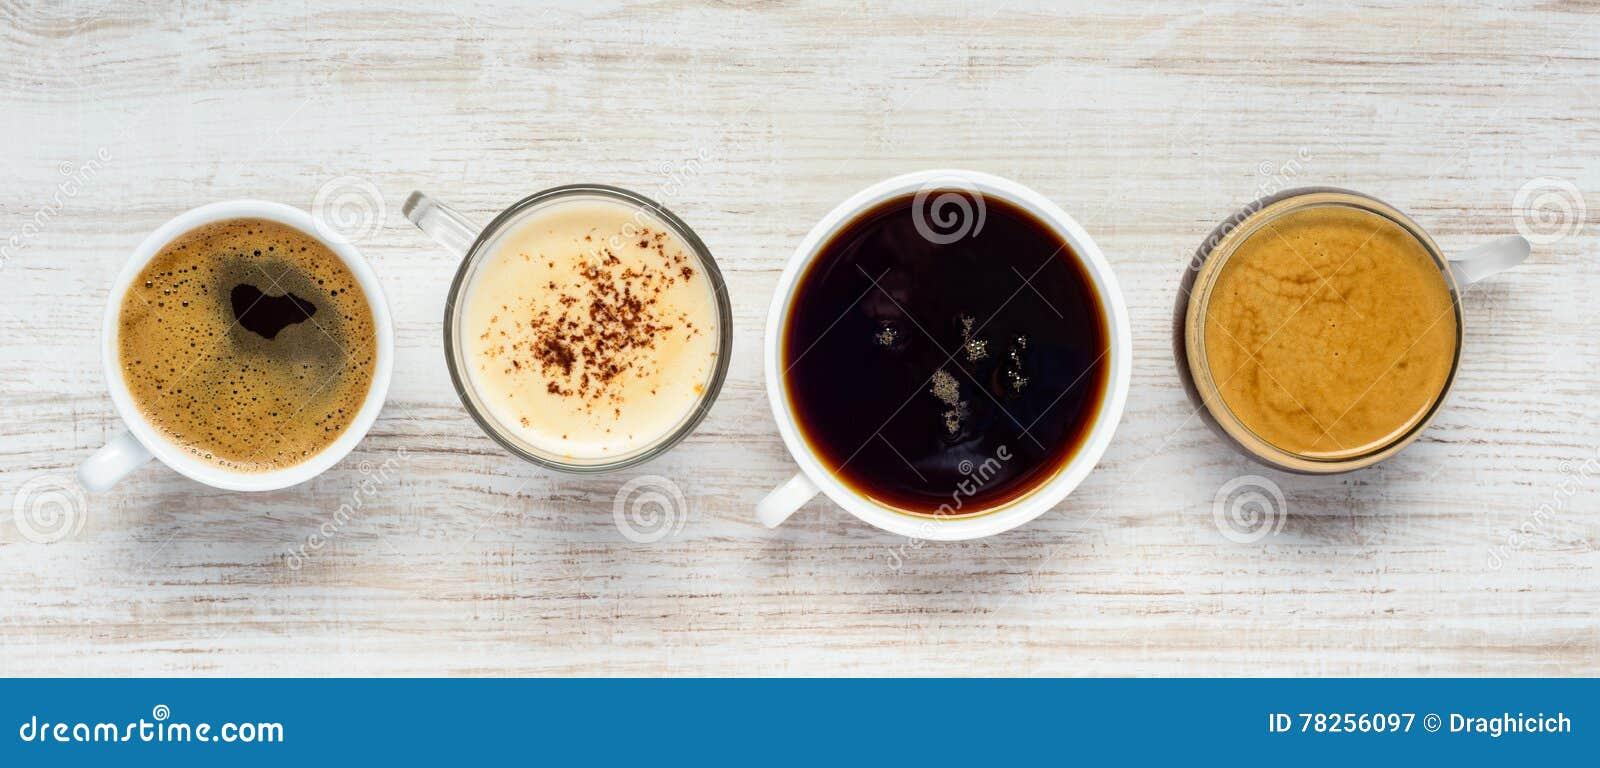 Διαφορετικοί τύποι ποτών καφέ